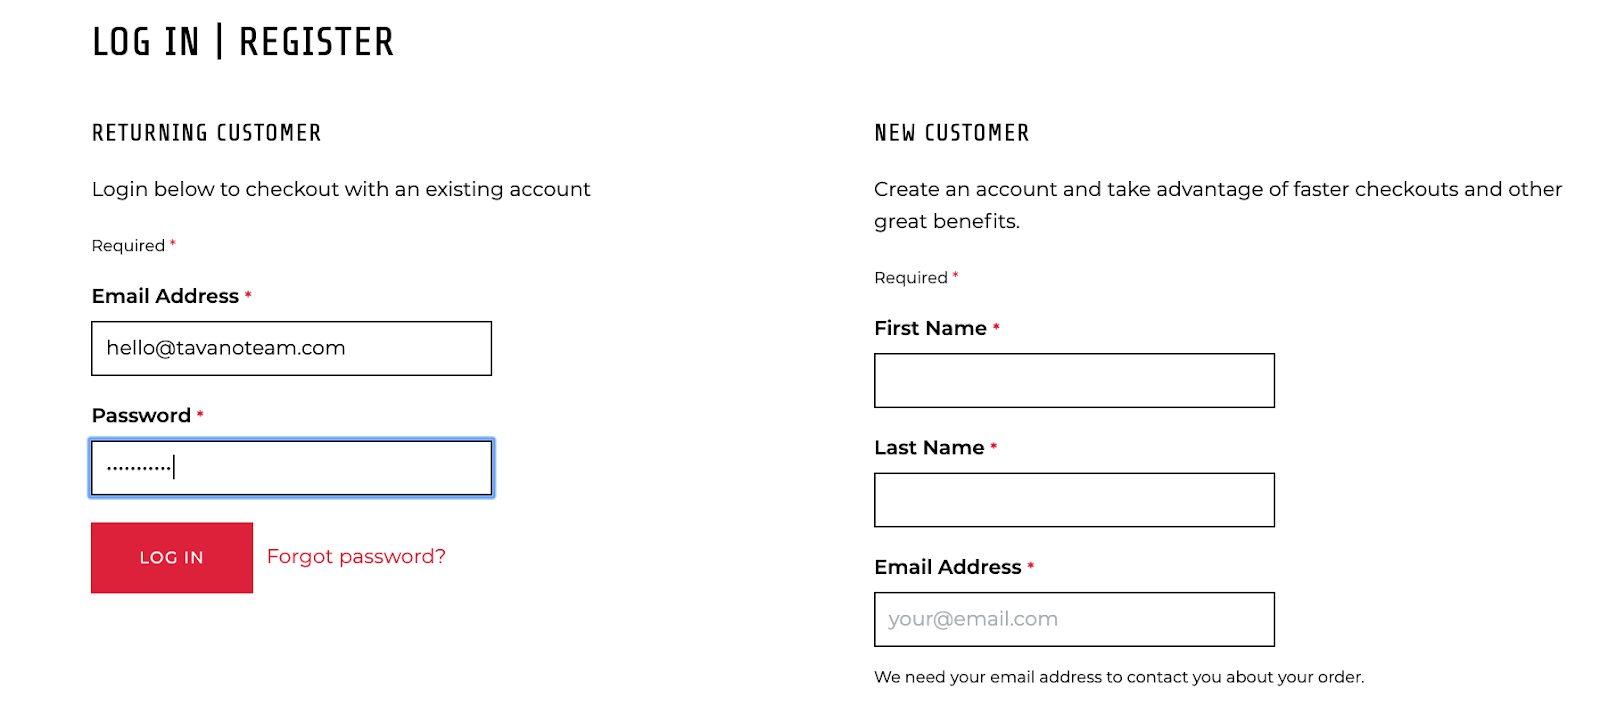 top suitecommerce merchandising features personalization